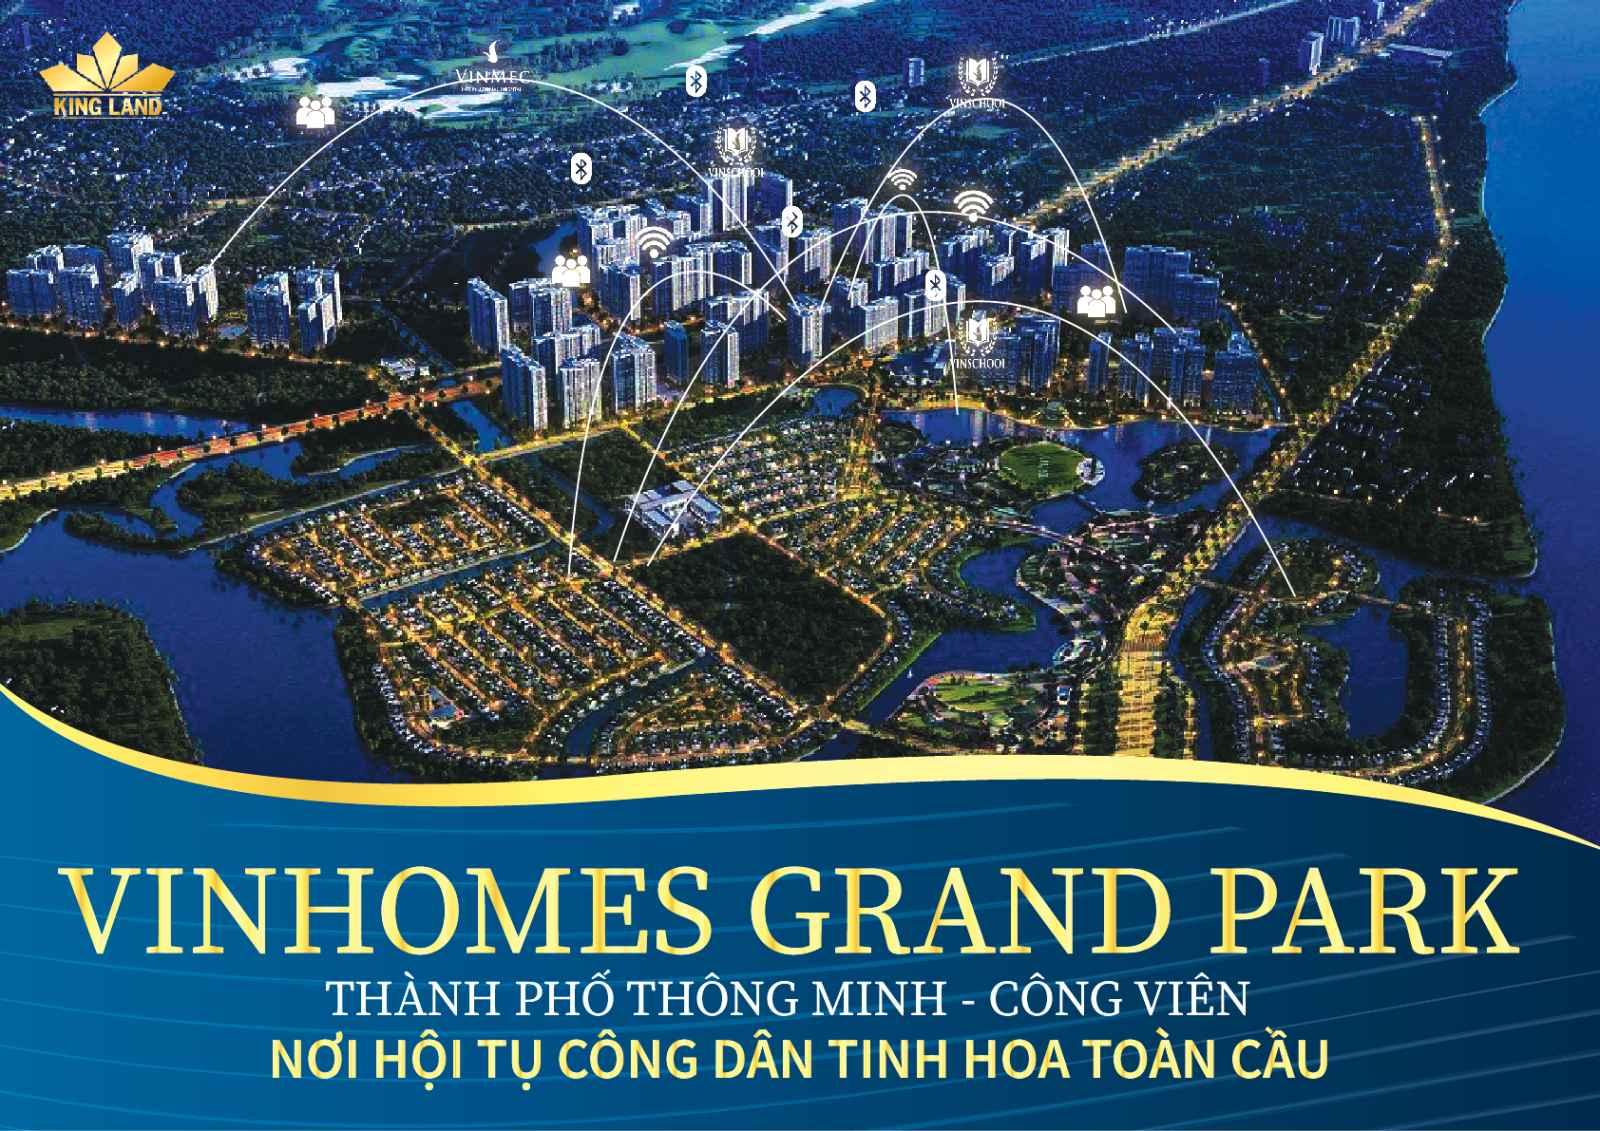 Thành phố thông minh Vinhomes Grand Park.